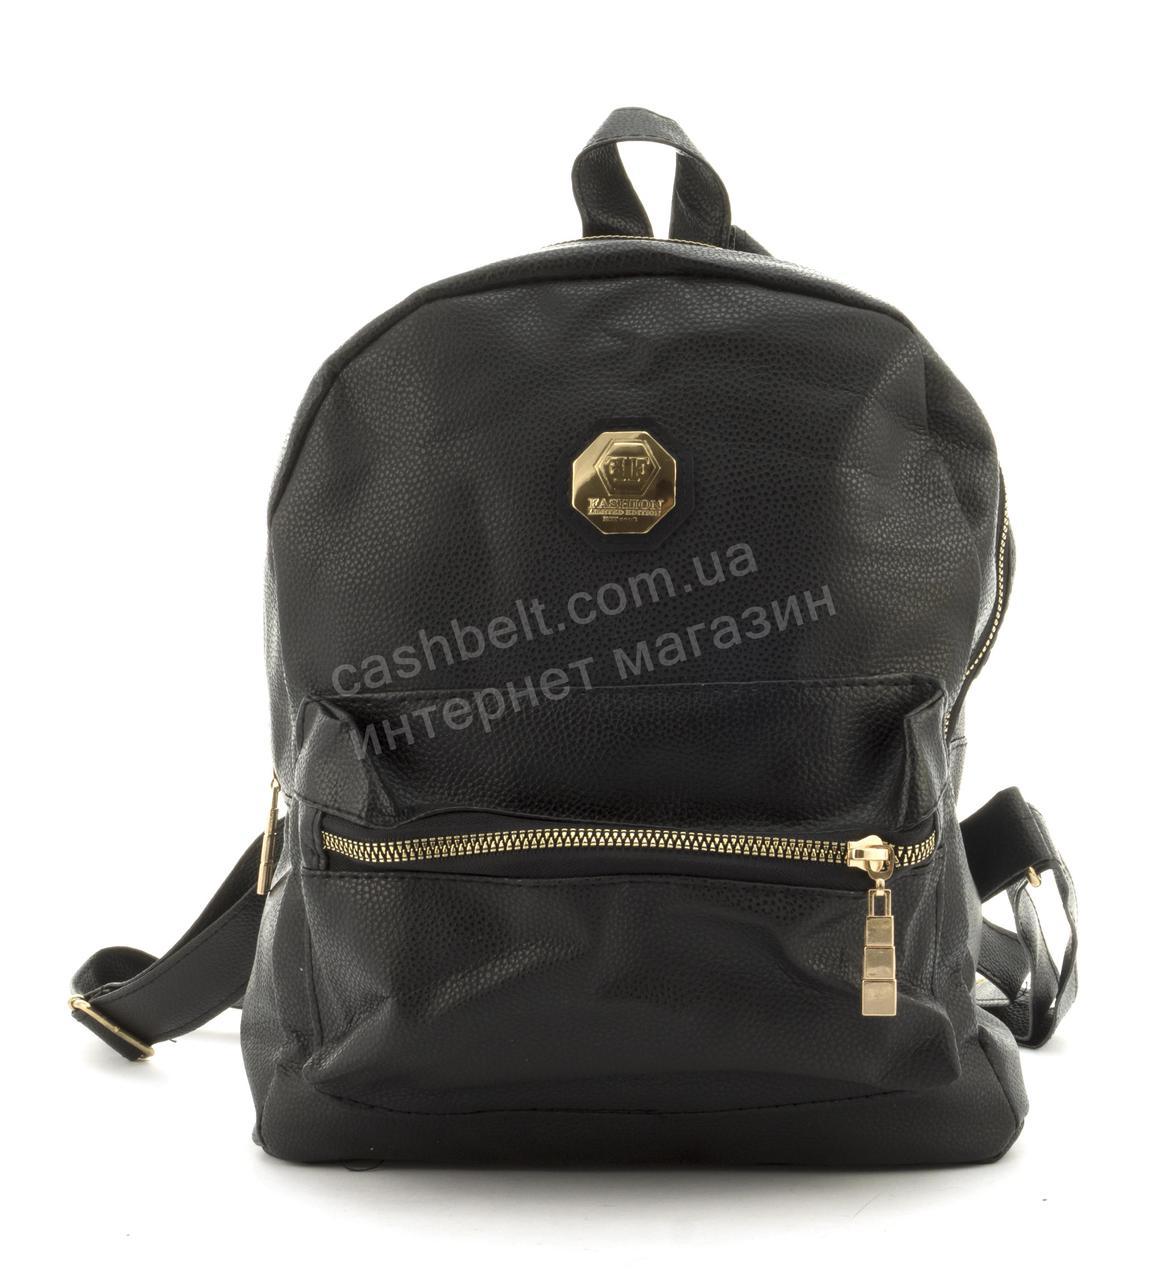 eeca2c1eaf79 Стильный прочный и надежный маленький рюкзачок Suliya art. 31 (102874)  черный